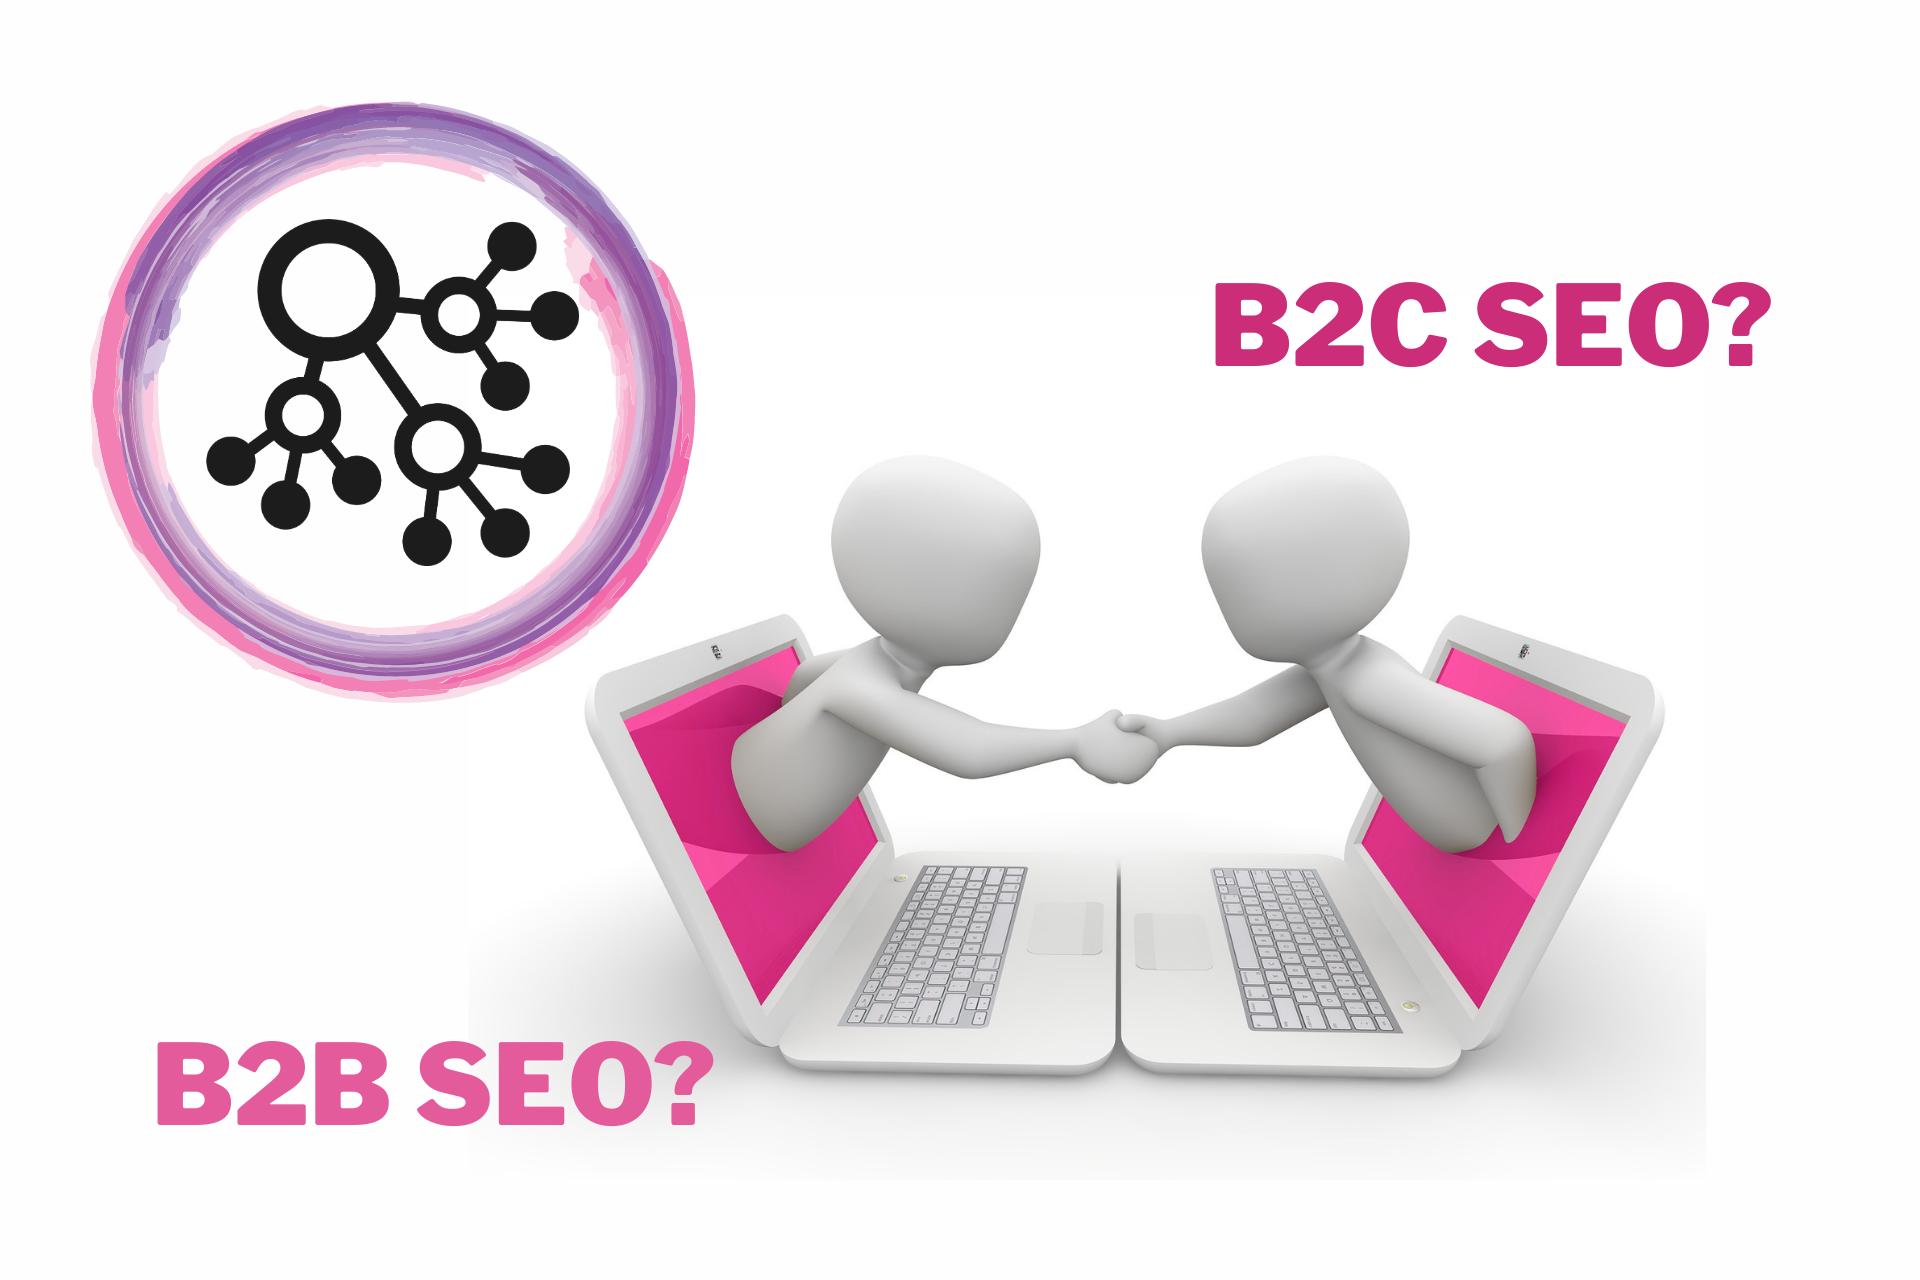 B2B SEO vs B2C SEO